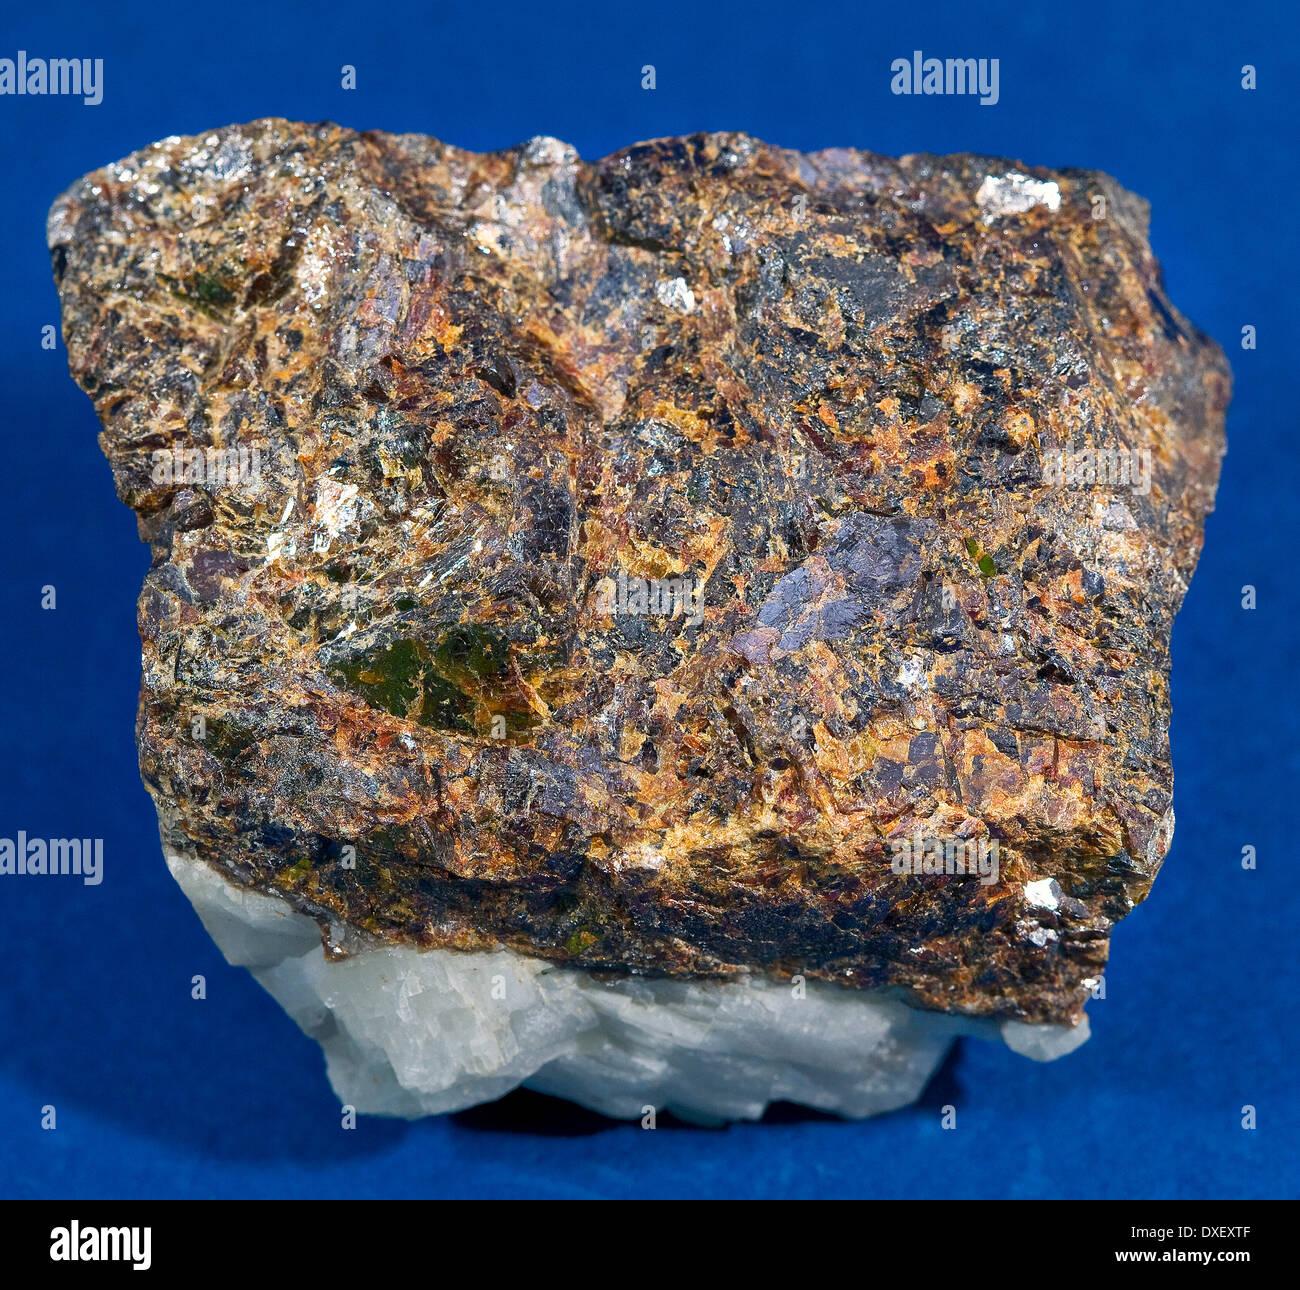 specimen of sphalerite or zinc blende found in north wales. - Stock Image